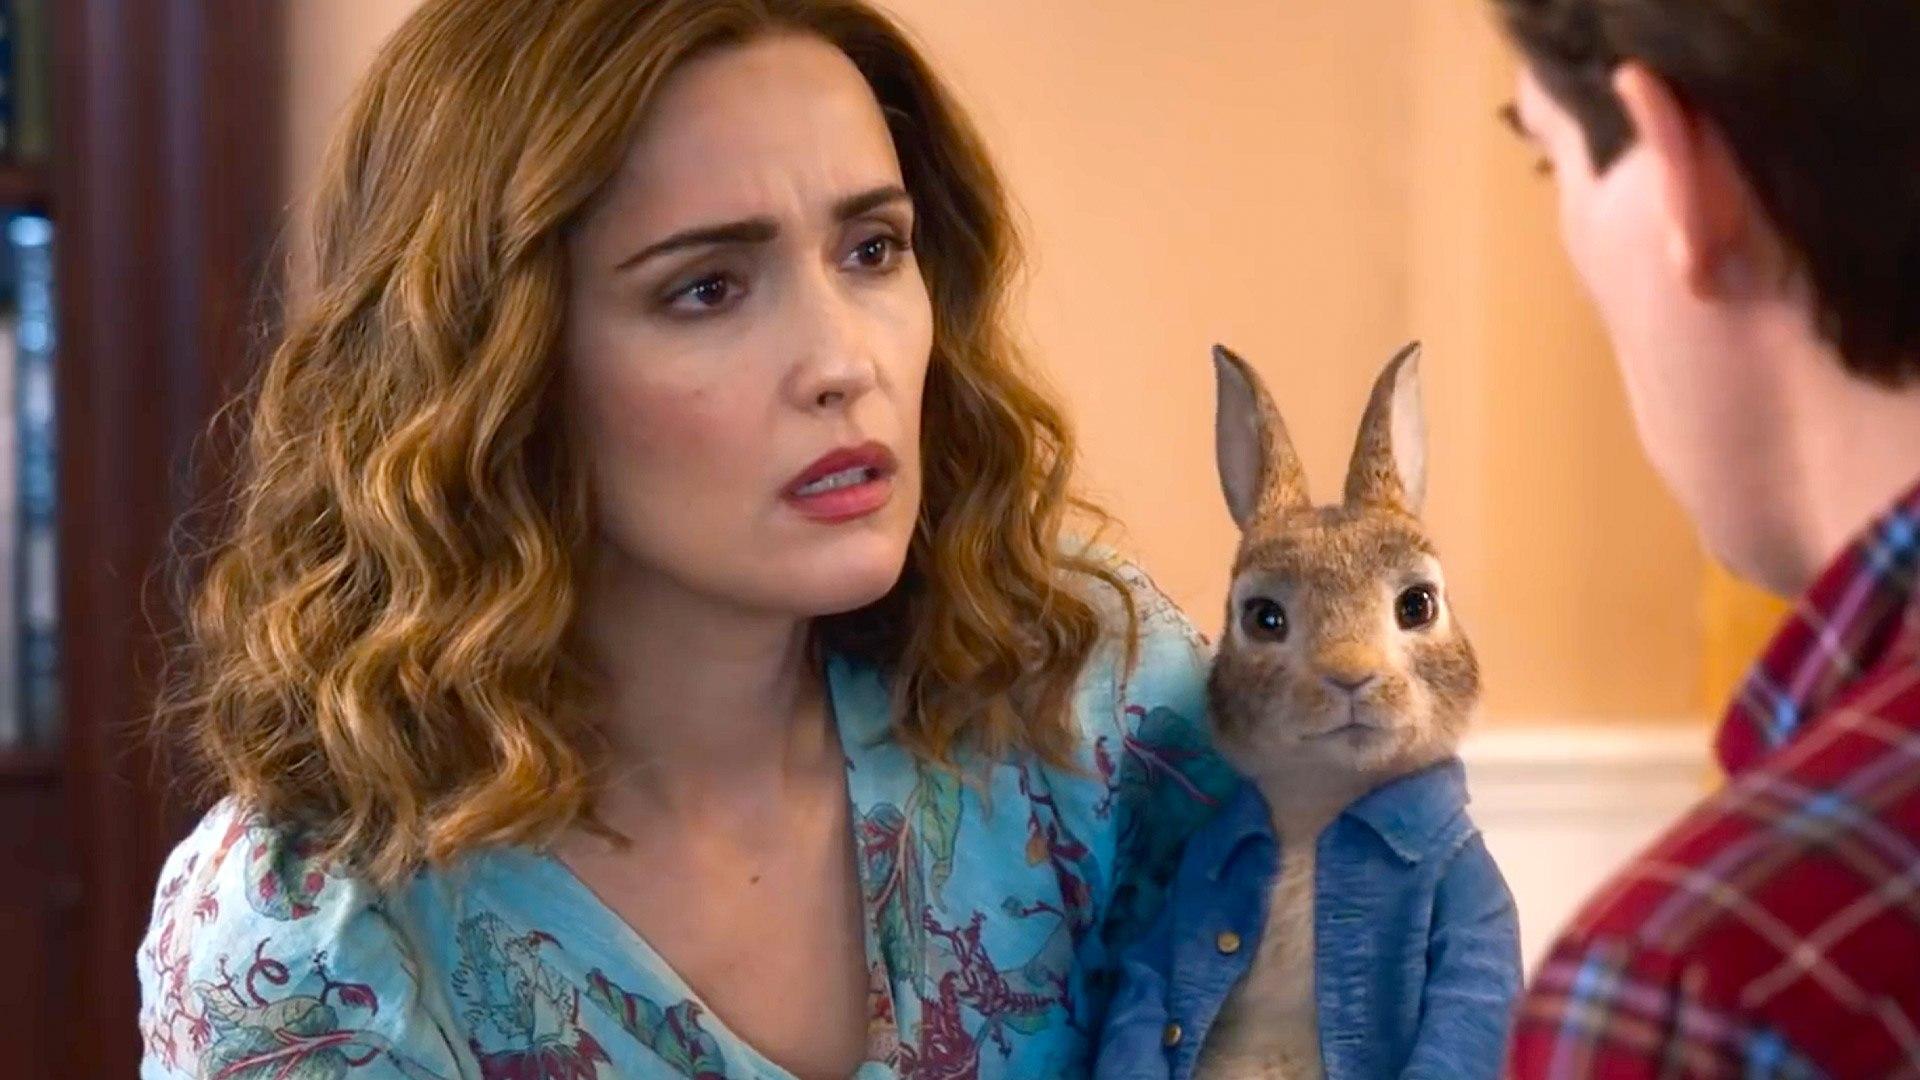 Peter Rabbit 2: Peter Rabbit 2 Release Date, Cast, expected plot & More | Trending Update News